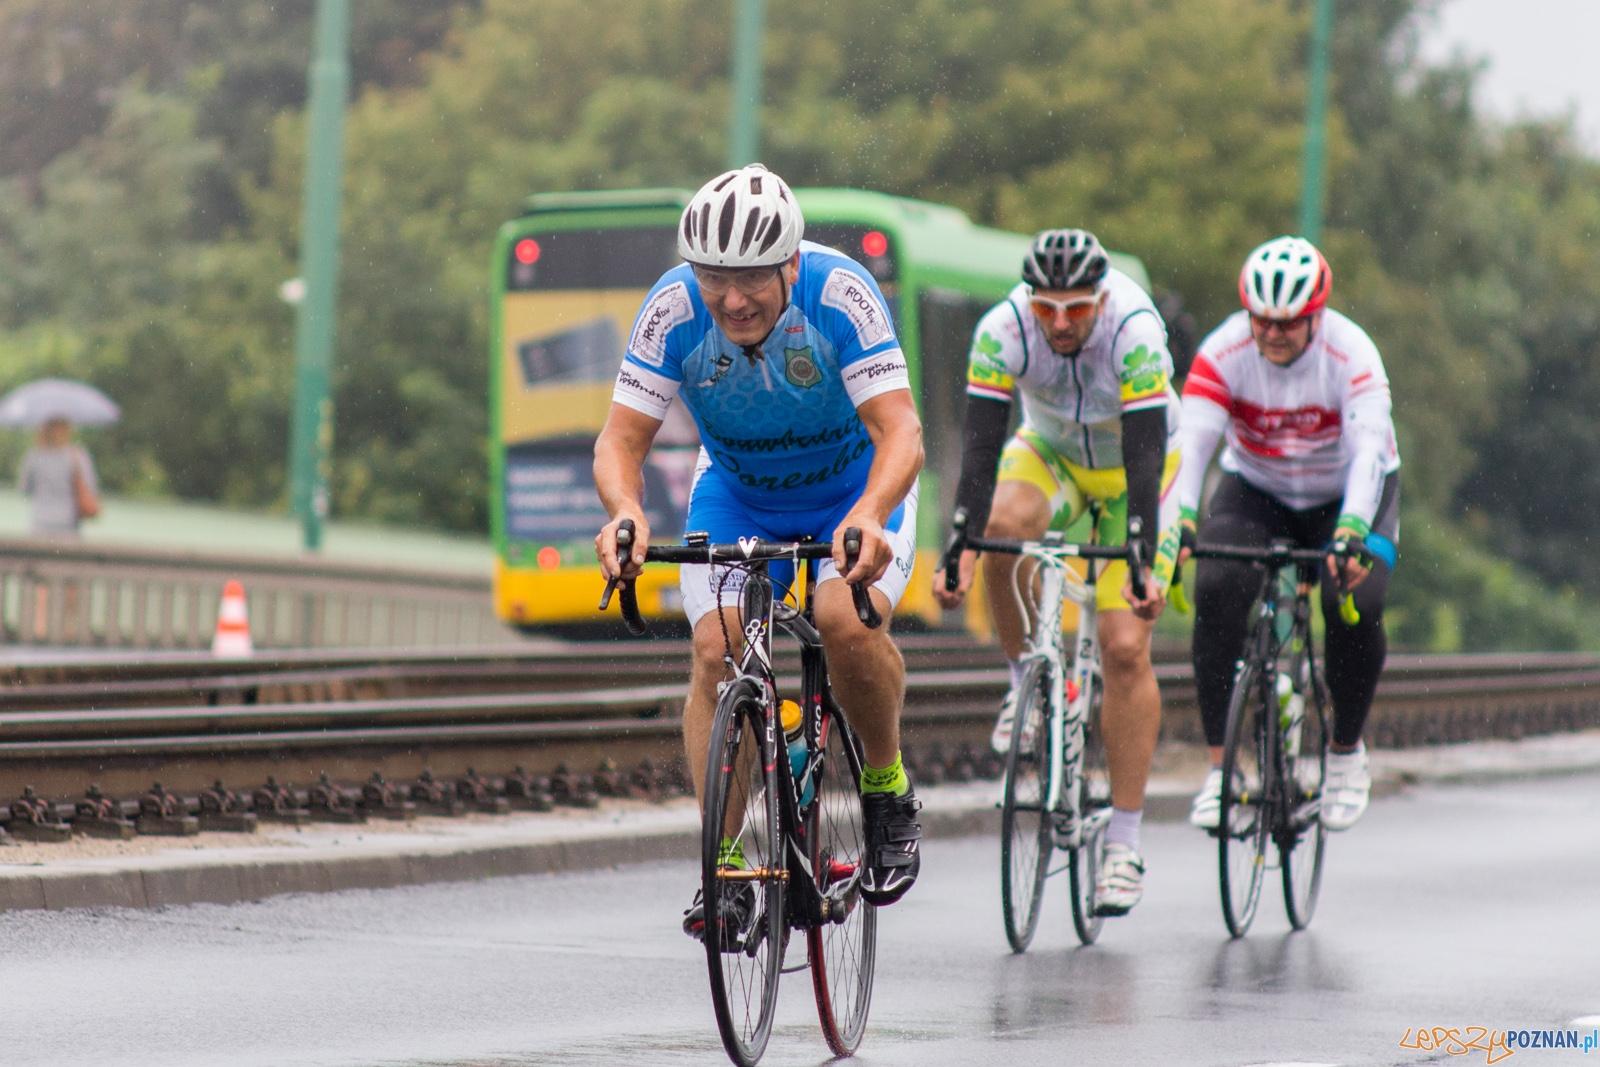 Skoda Poznań Bike Challenge  Foto: lepszyPOZNAN.pl / Ewelina Jaskowiak